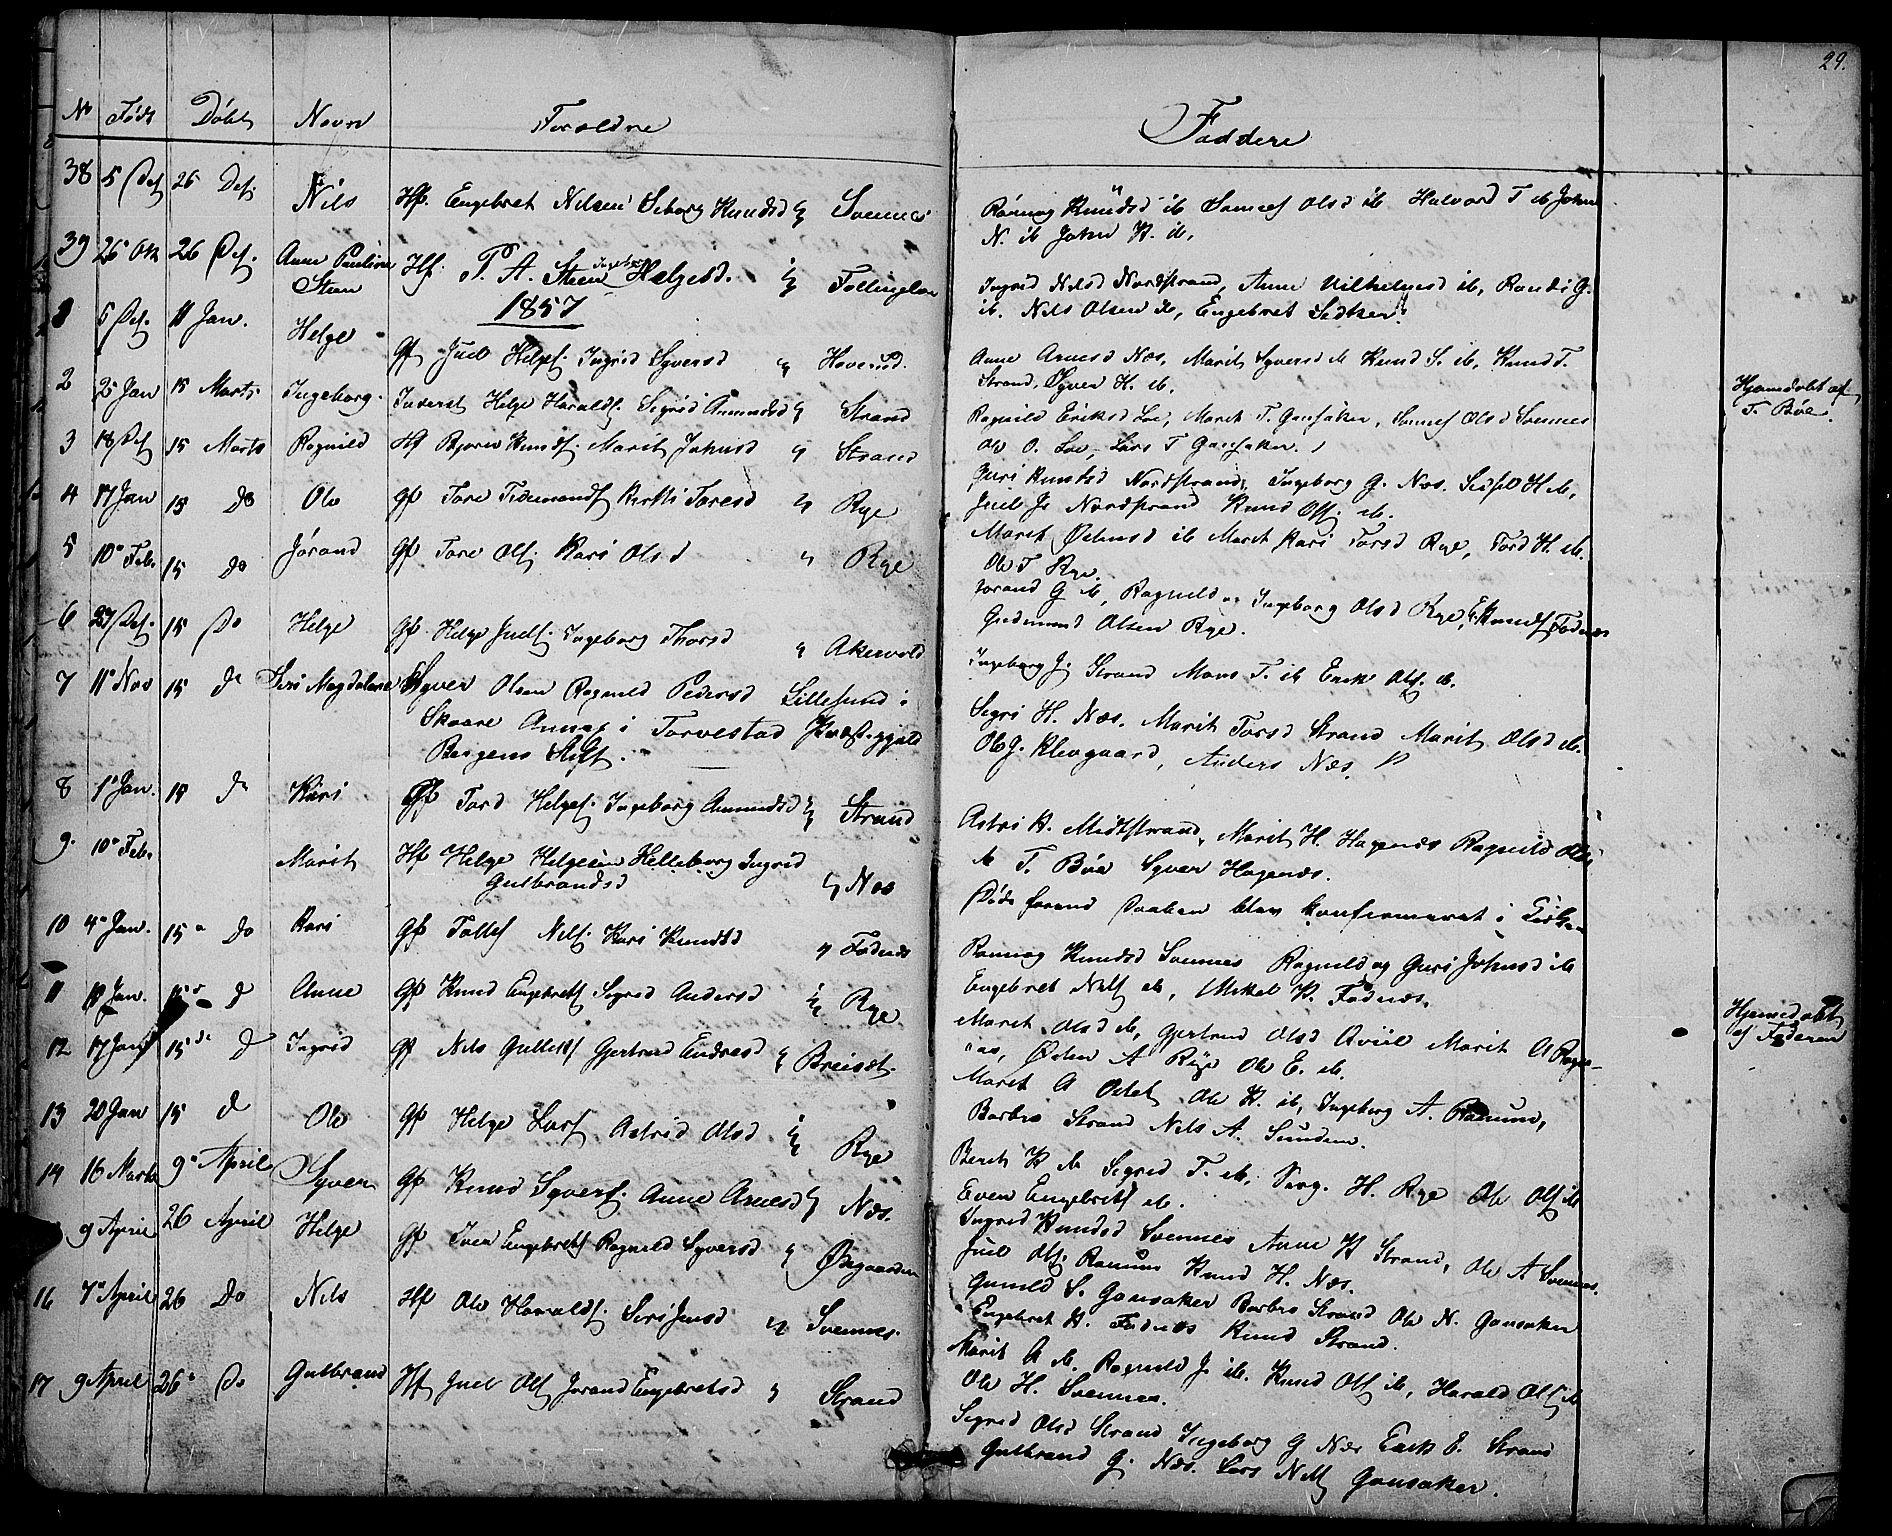 SAH, Nord-Aurdal prestekontor, Klokkerbok nr. 3, 1842-1882, s. 29